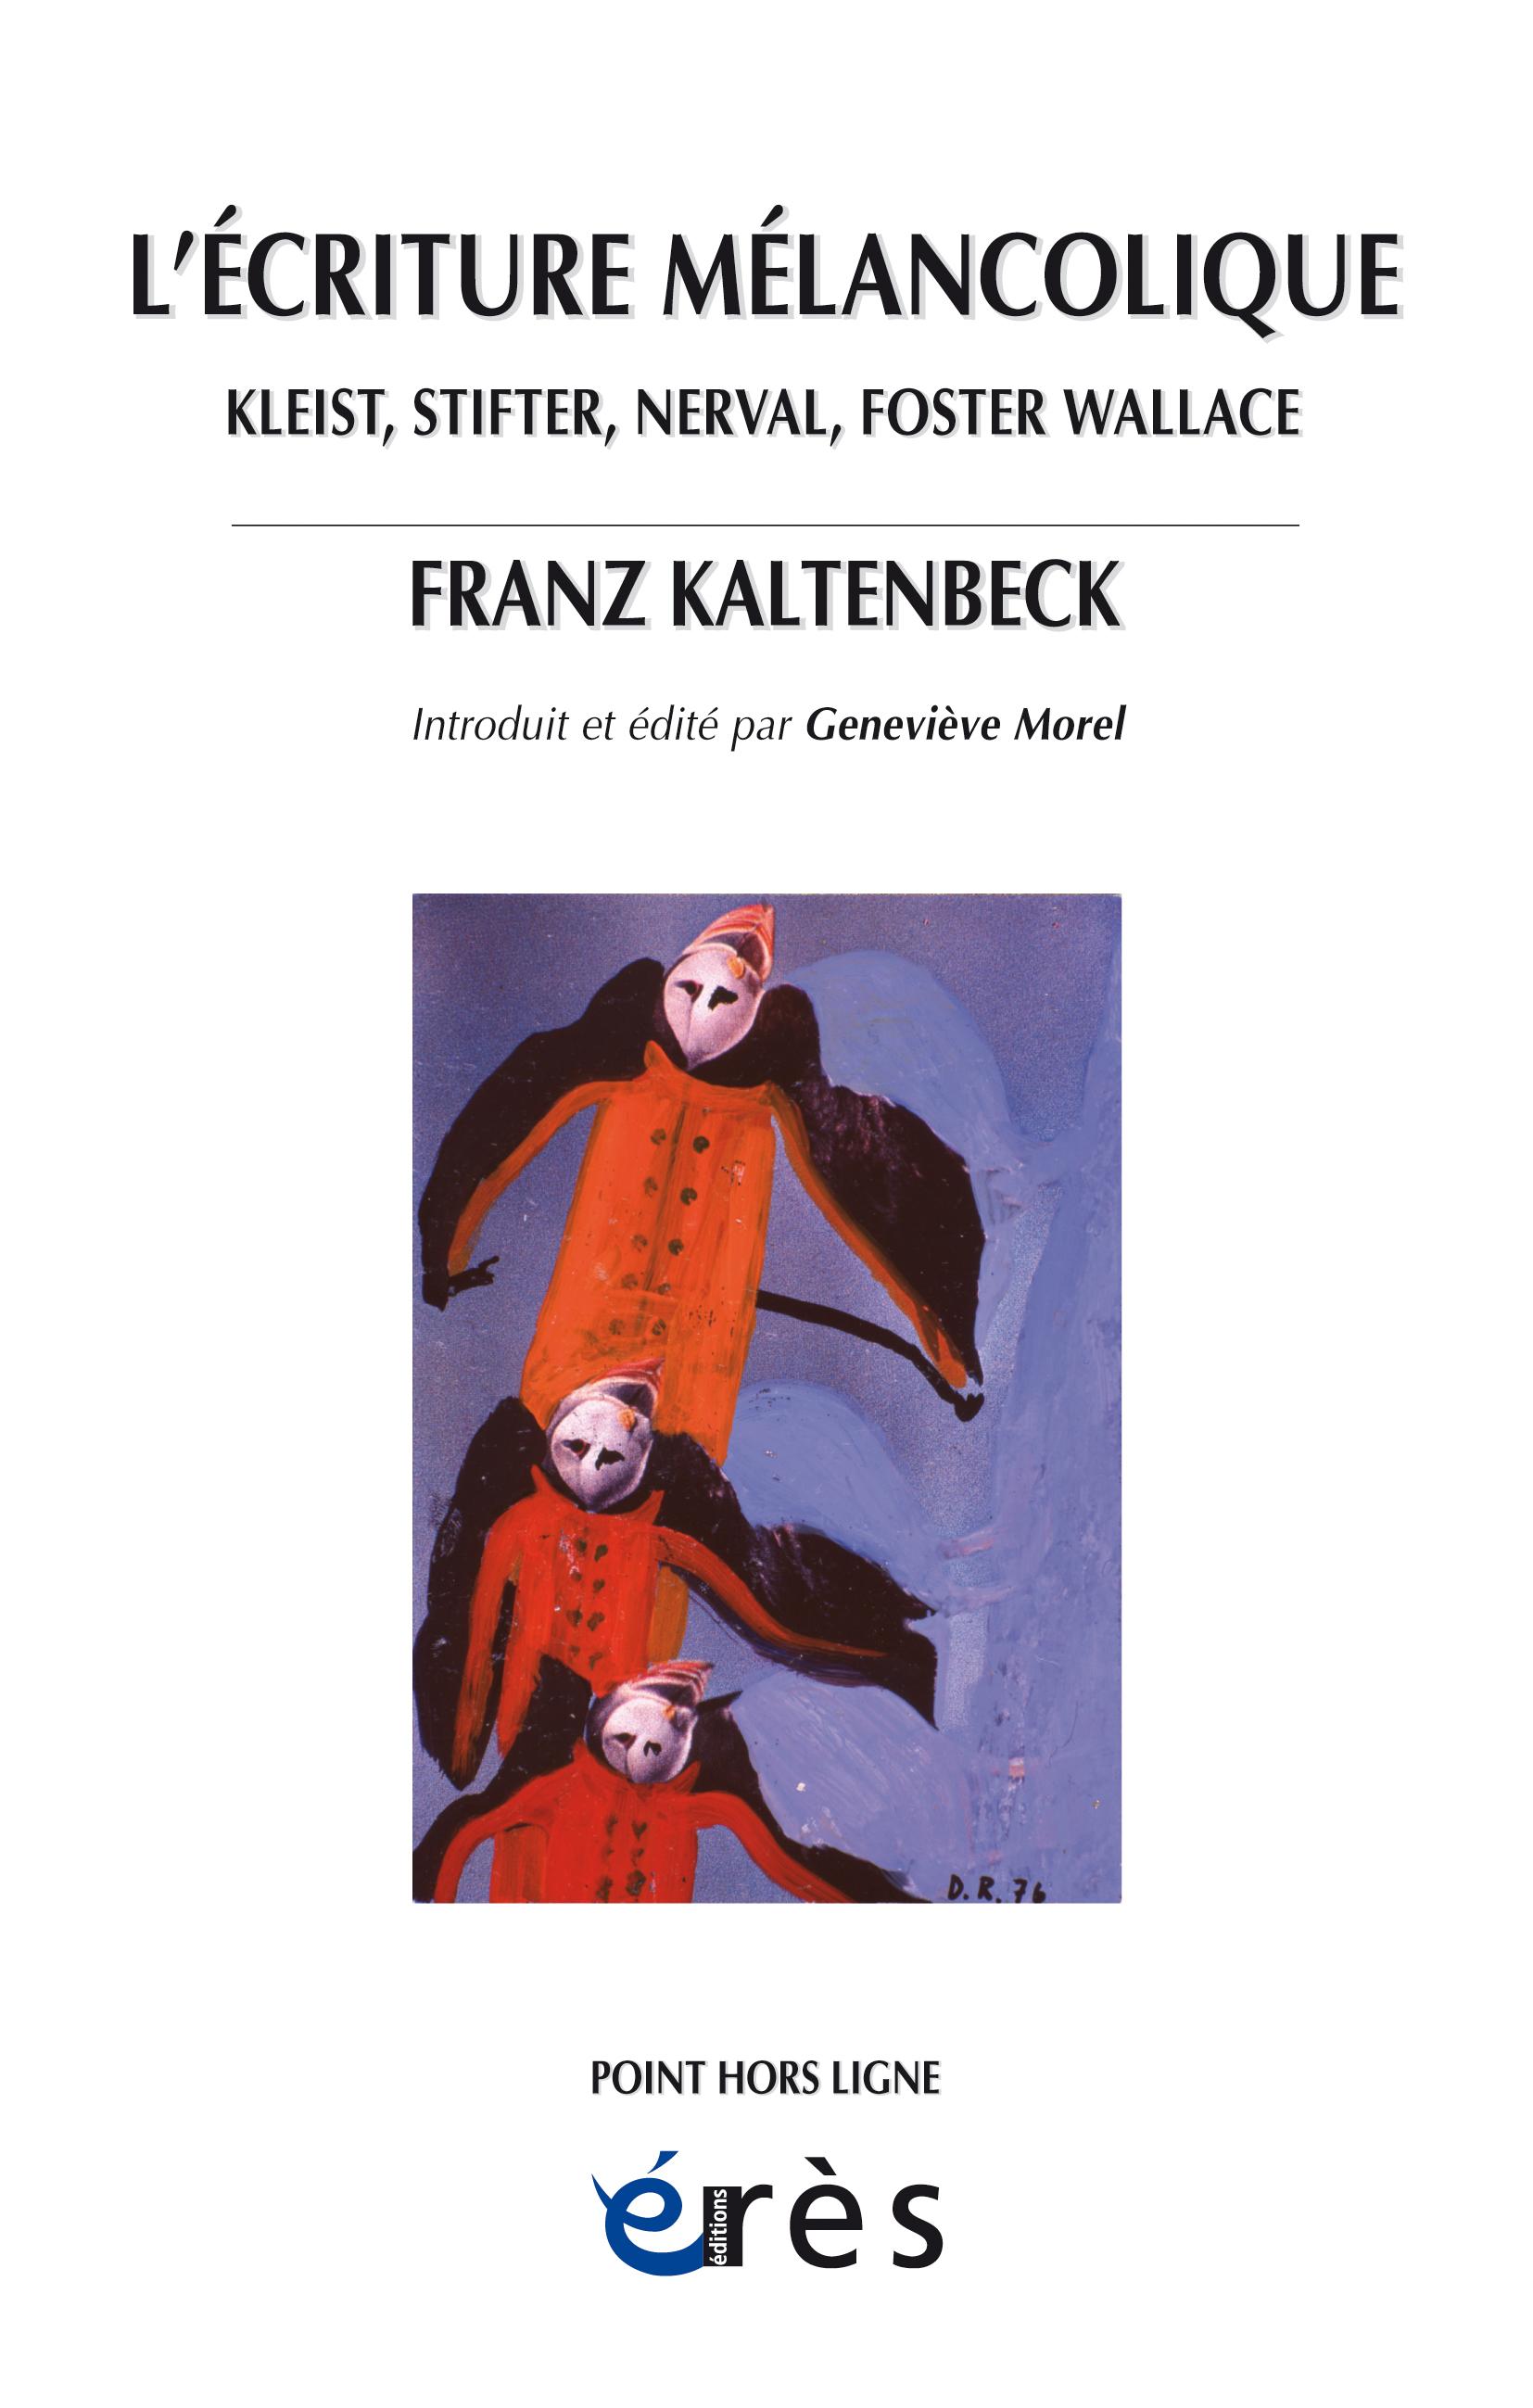 F. Kaltenbeck, L'écriture mélancolique. Kleist, Stifter, Nerval, Foster Wallace